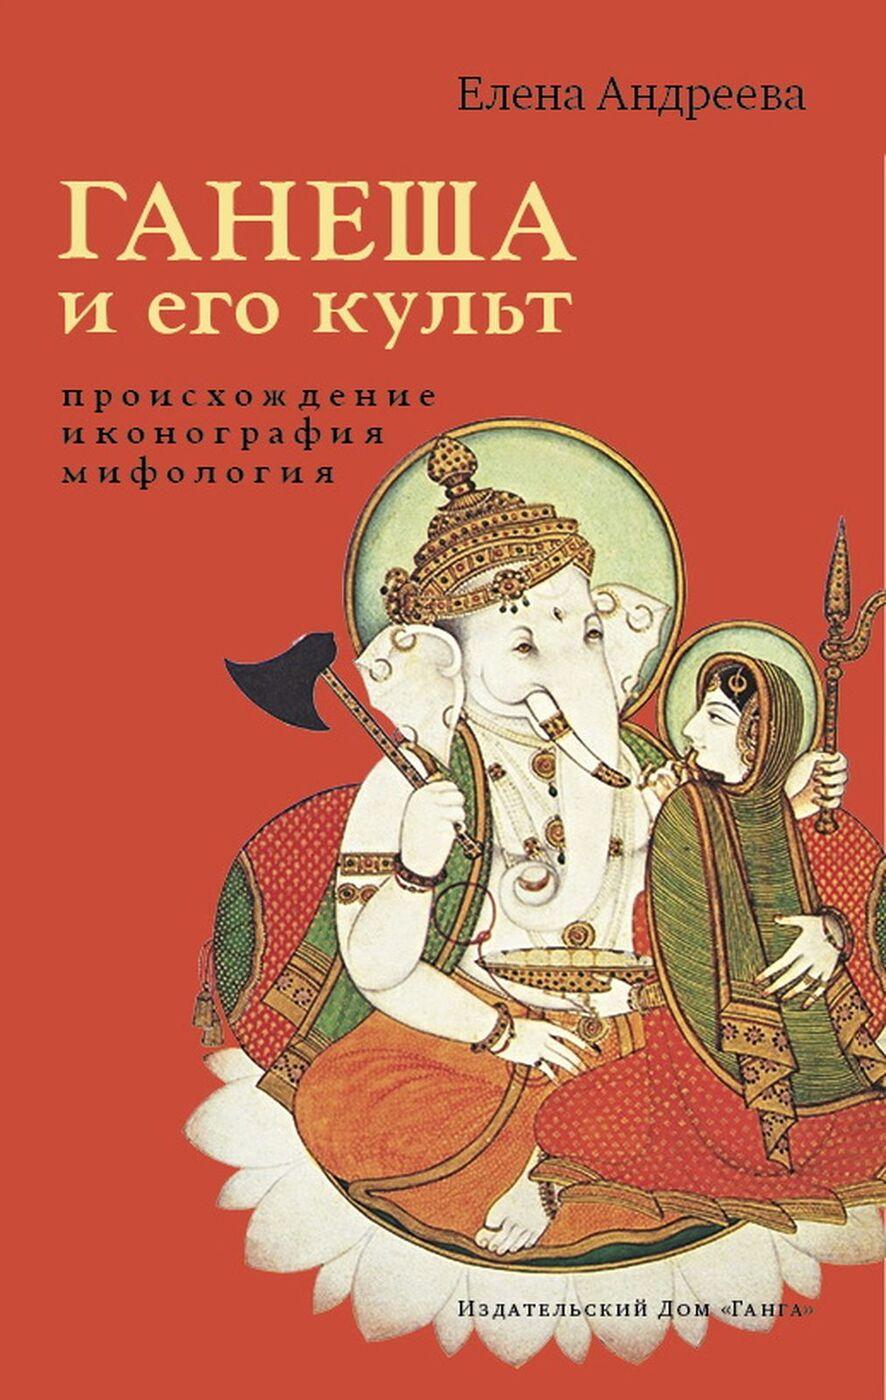 Ганеша и его культ. Происхождение, иконография, мифология | Андреева Елена Михайловна